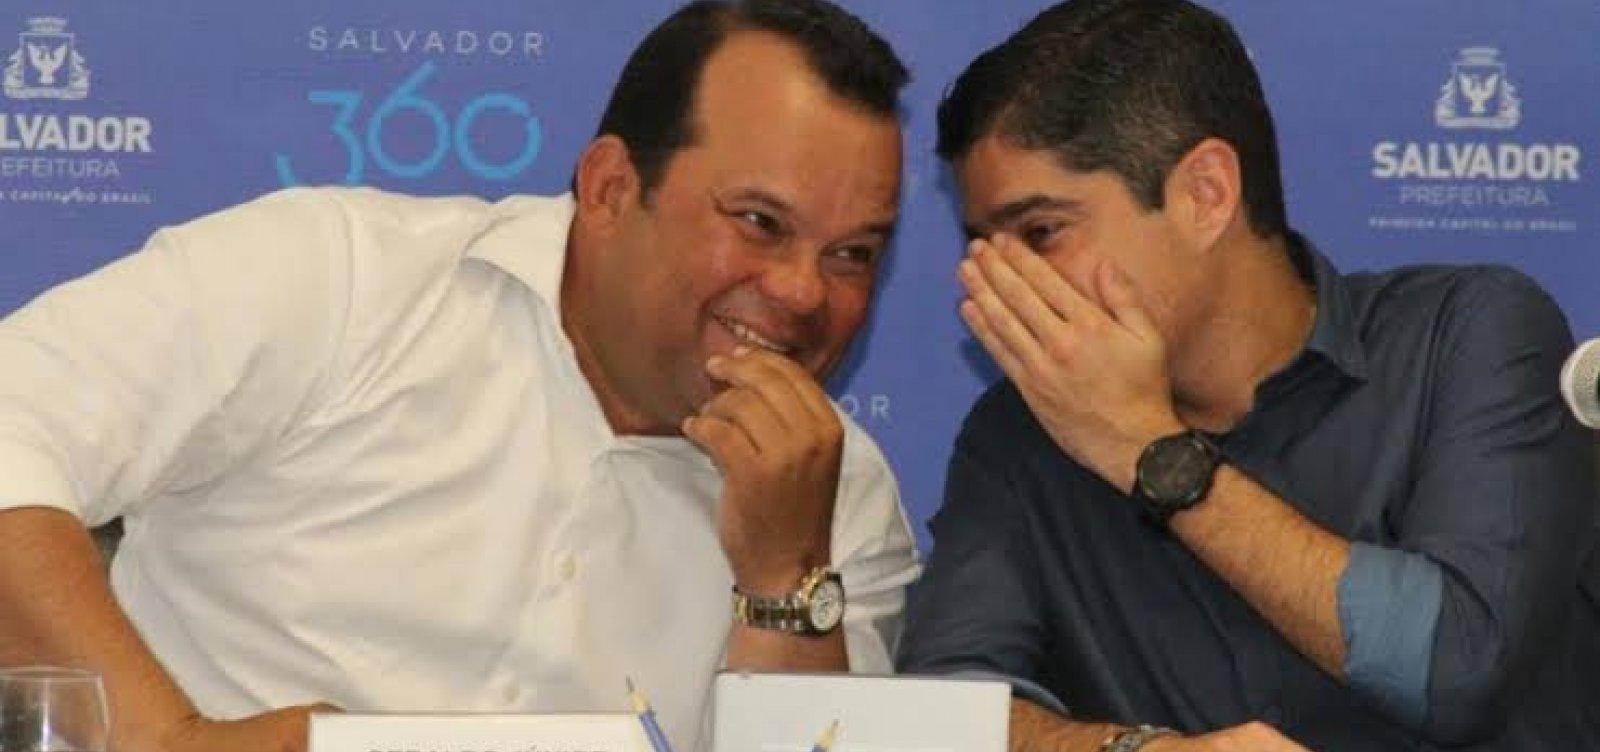 MDB estreita laços com ACM Neto e barganha cargo de vice na chapa para governo em 2022